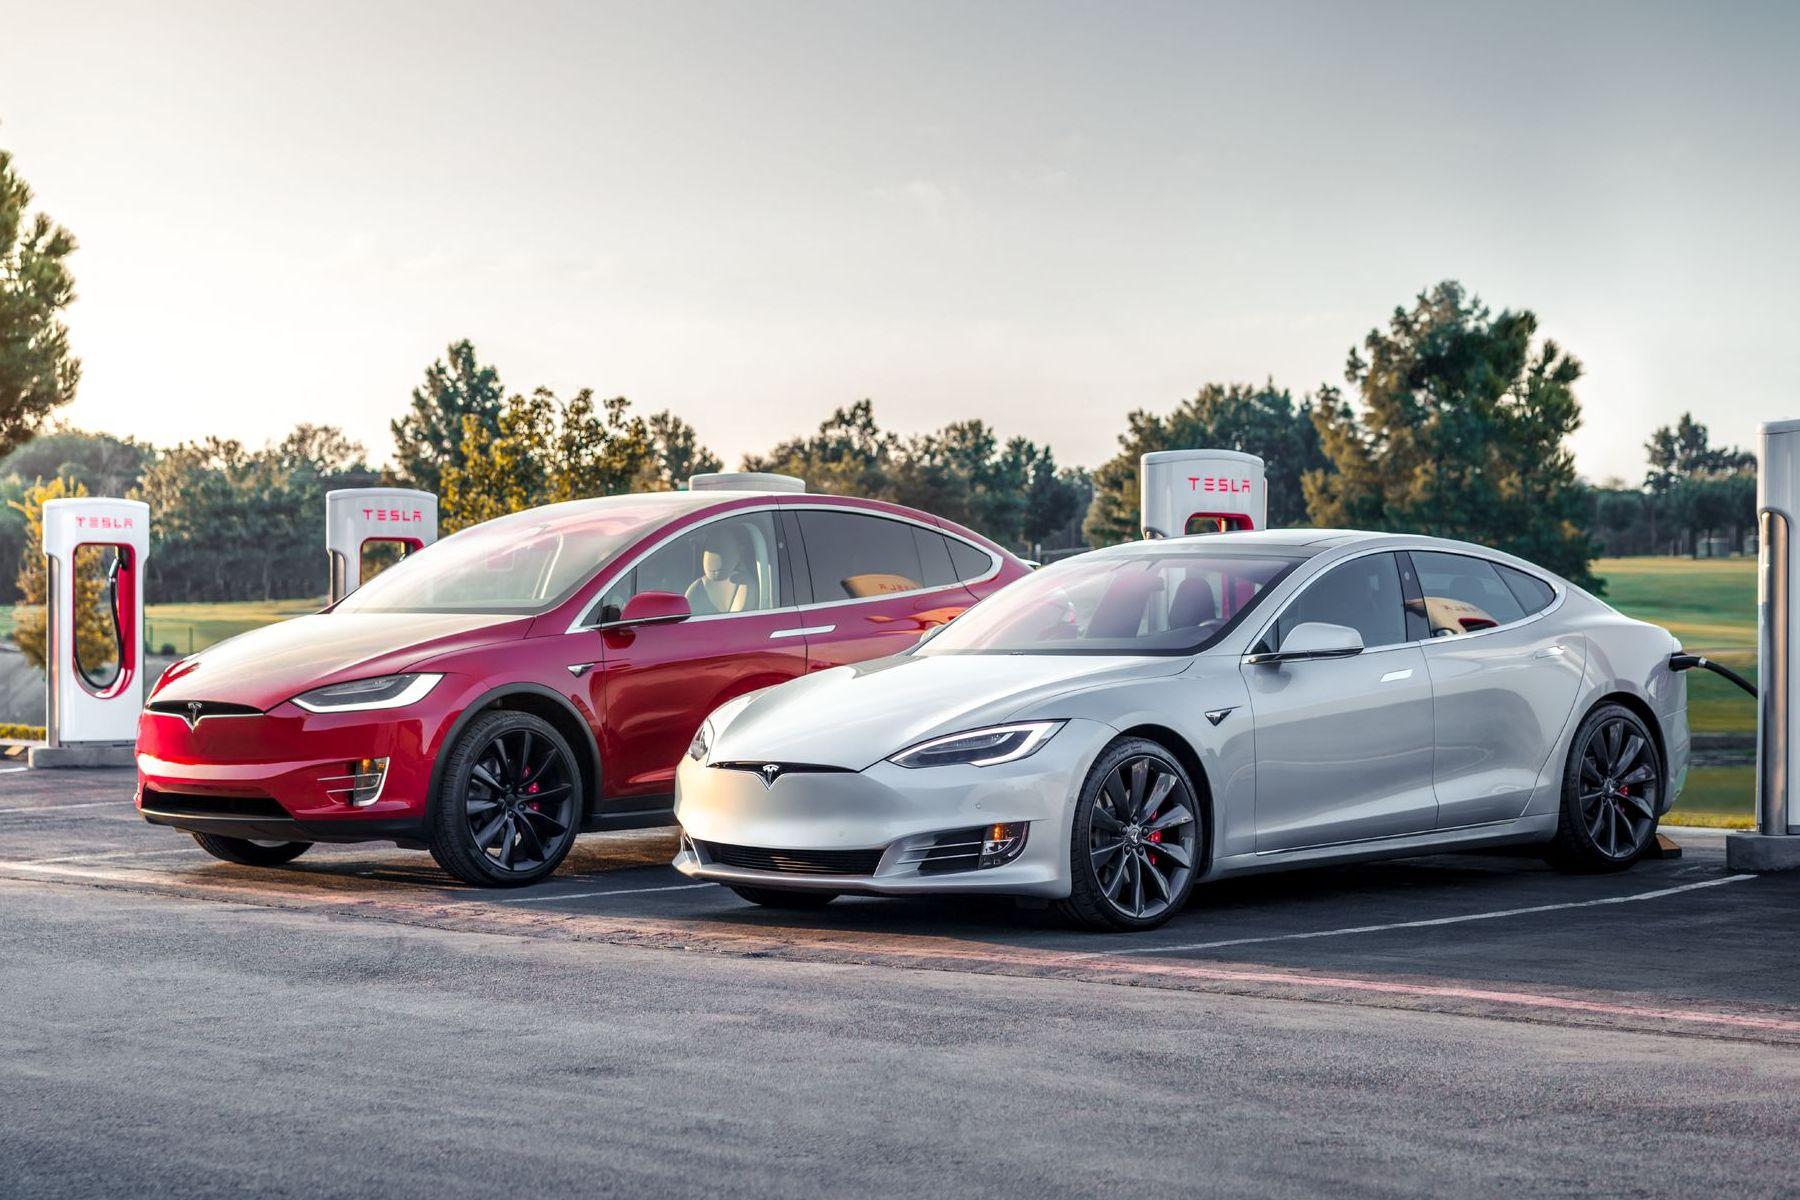 Электромобили сравняются посебестоимости сбензиновыми машинами уже через 4 года